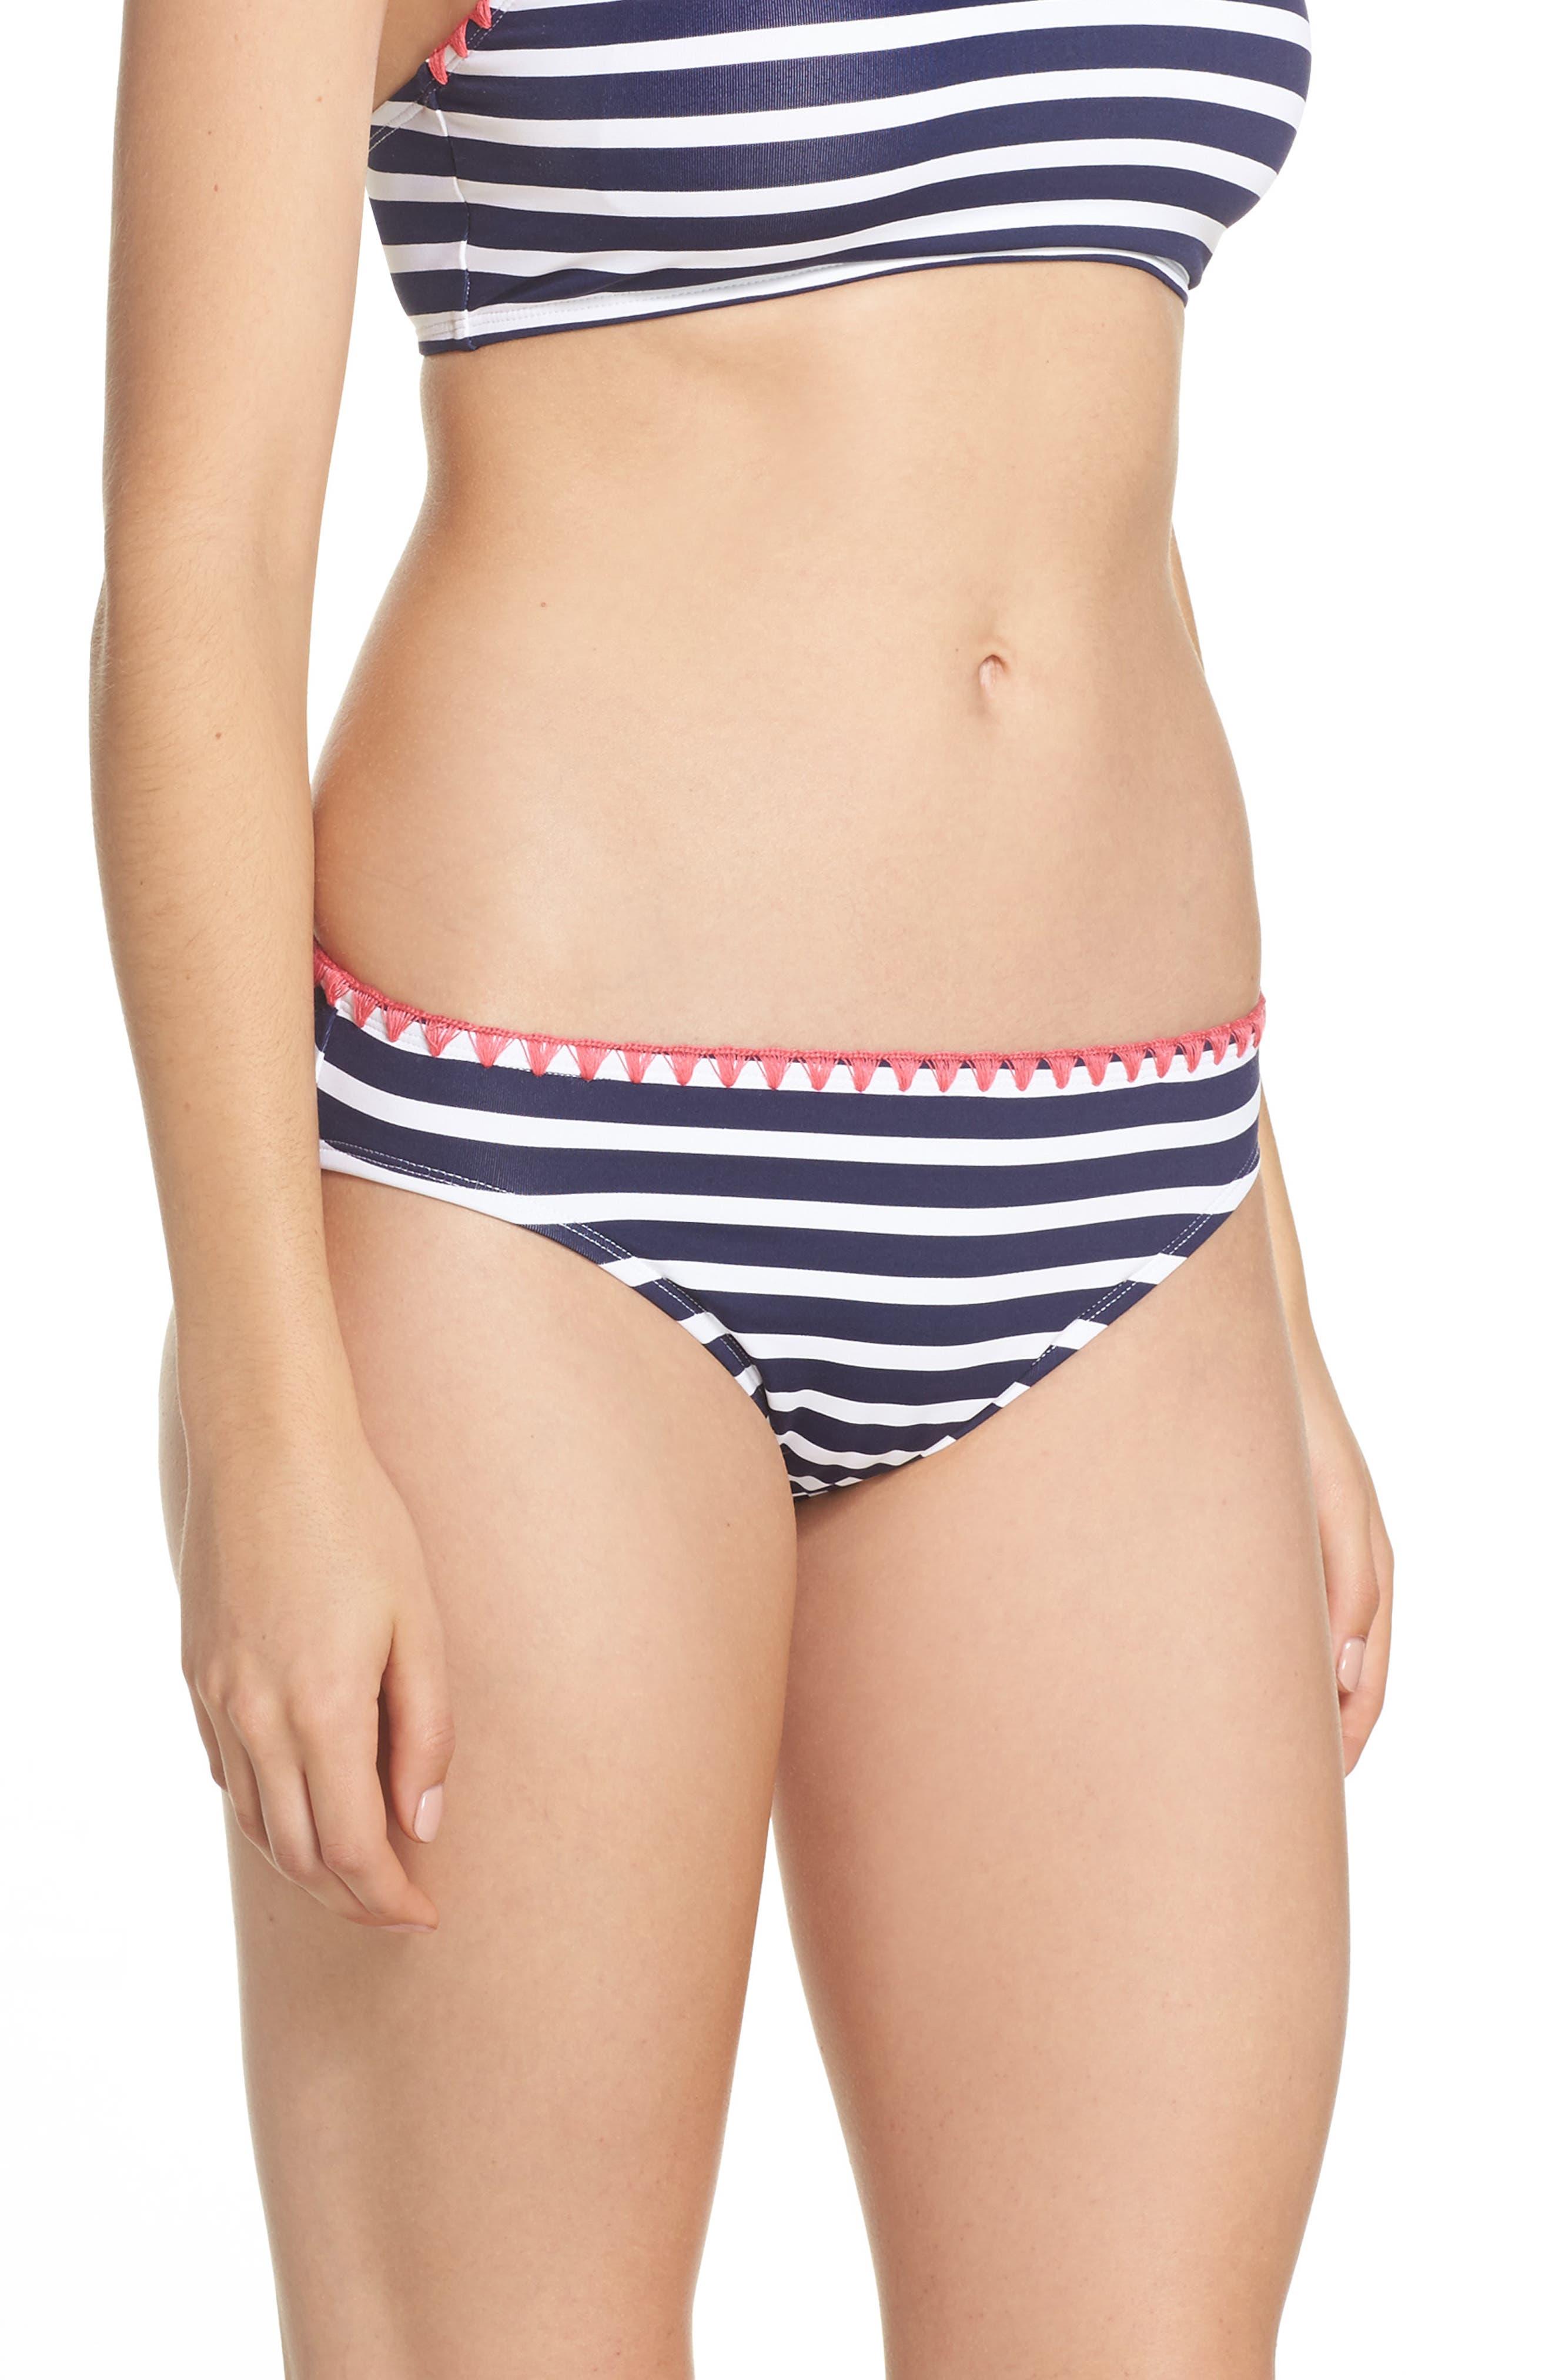 Breton Stripe Bikini Bottoms,                             Alternate thumbnail 3, color,                             400